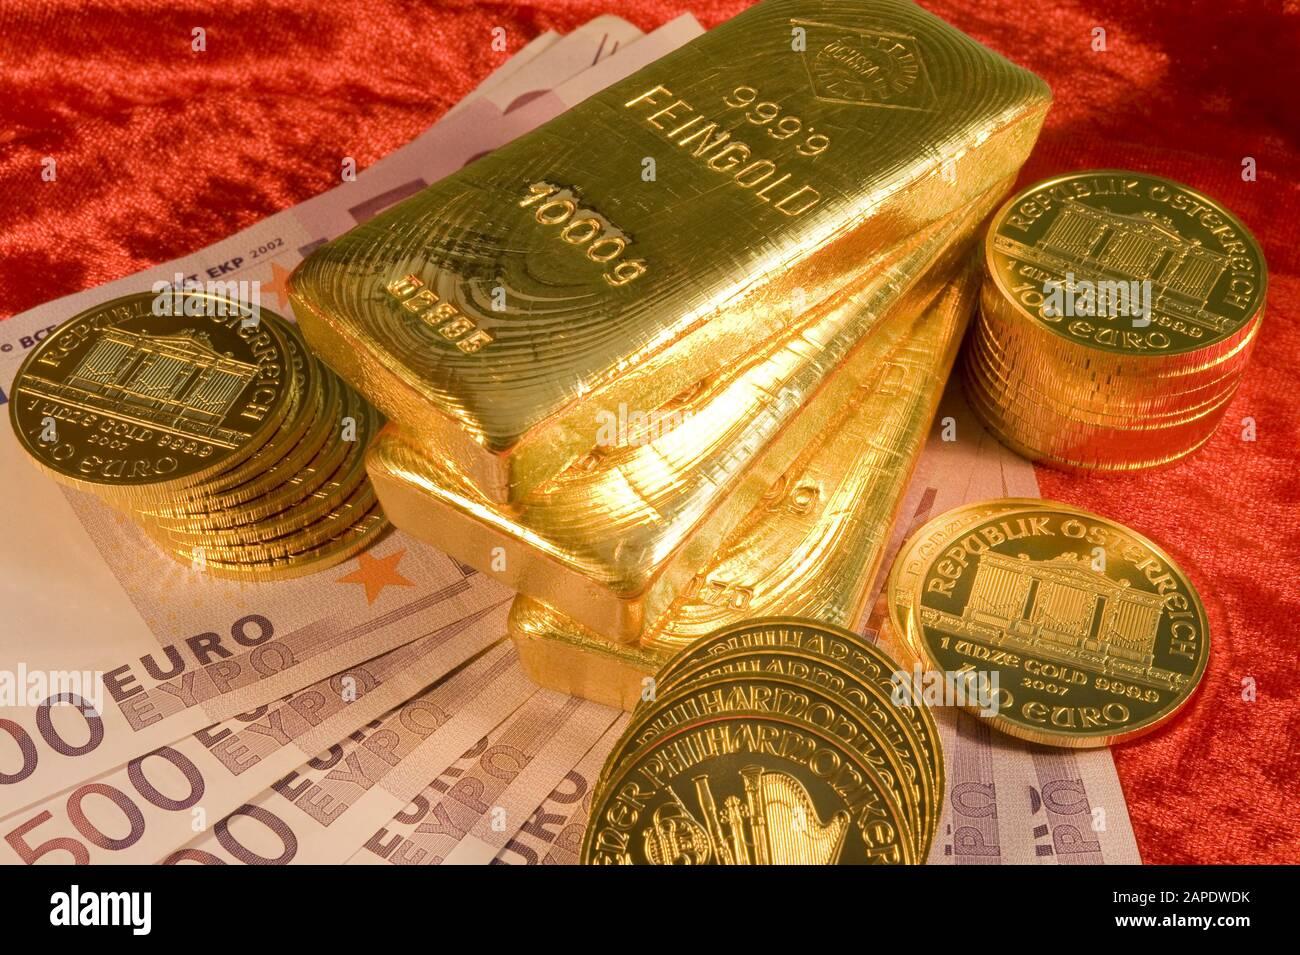 Gold und 500-Euro-Scheine - Gold and Euro Banknotes Stock Photo